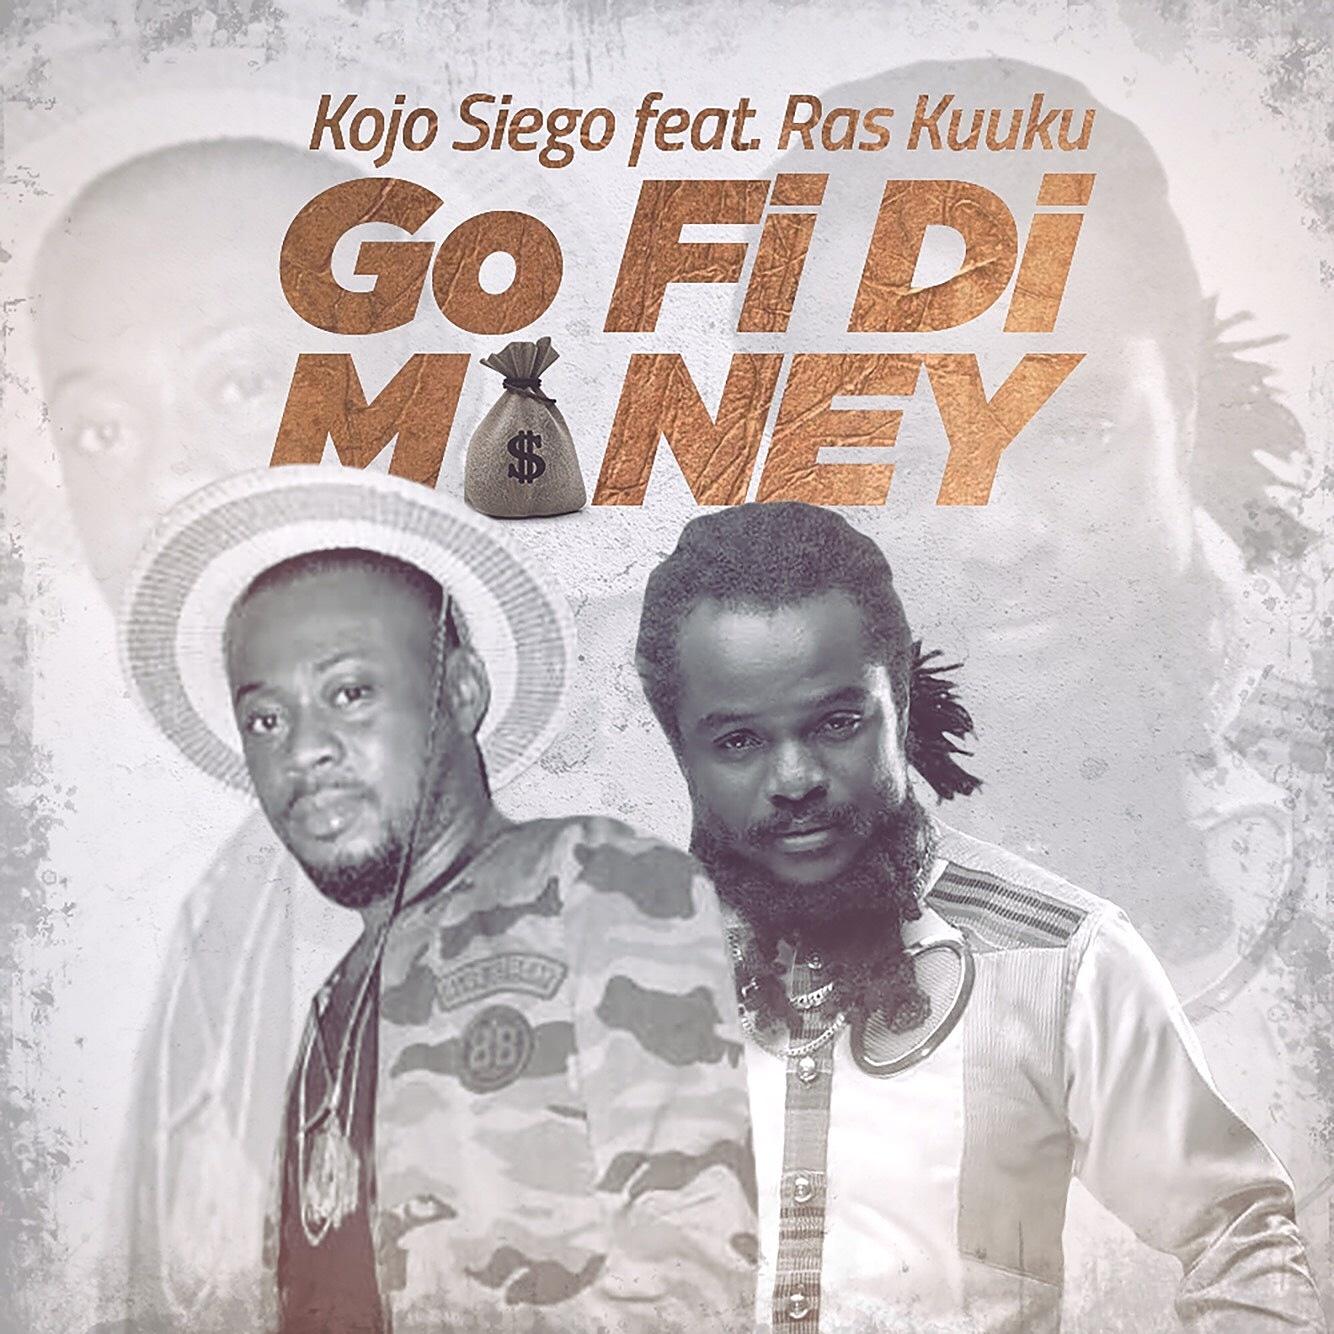 Listen Up: Kojo Siego features Ras Kuuku on 'Go Fi Di Money'